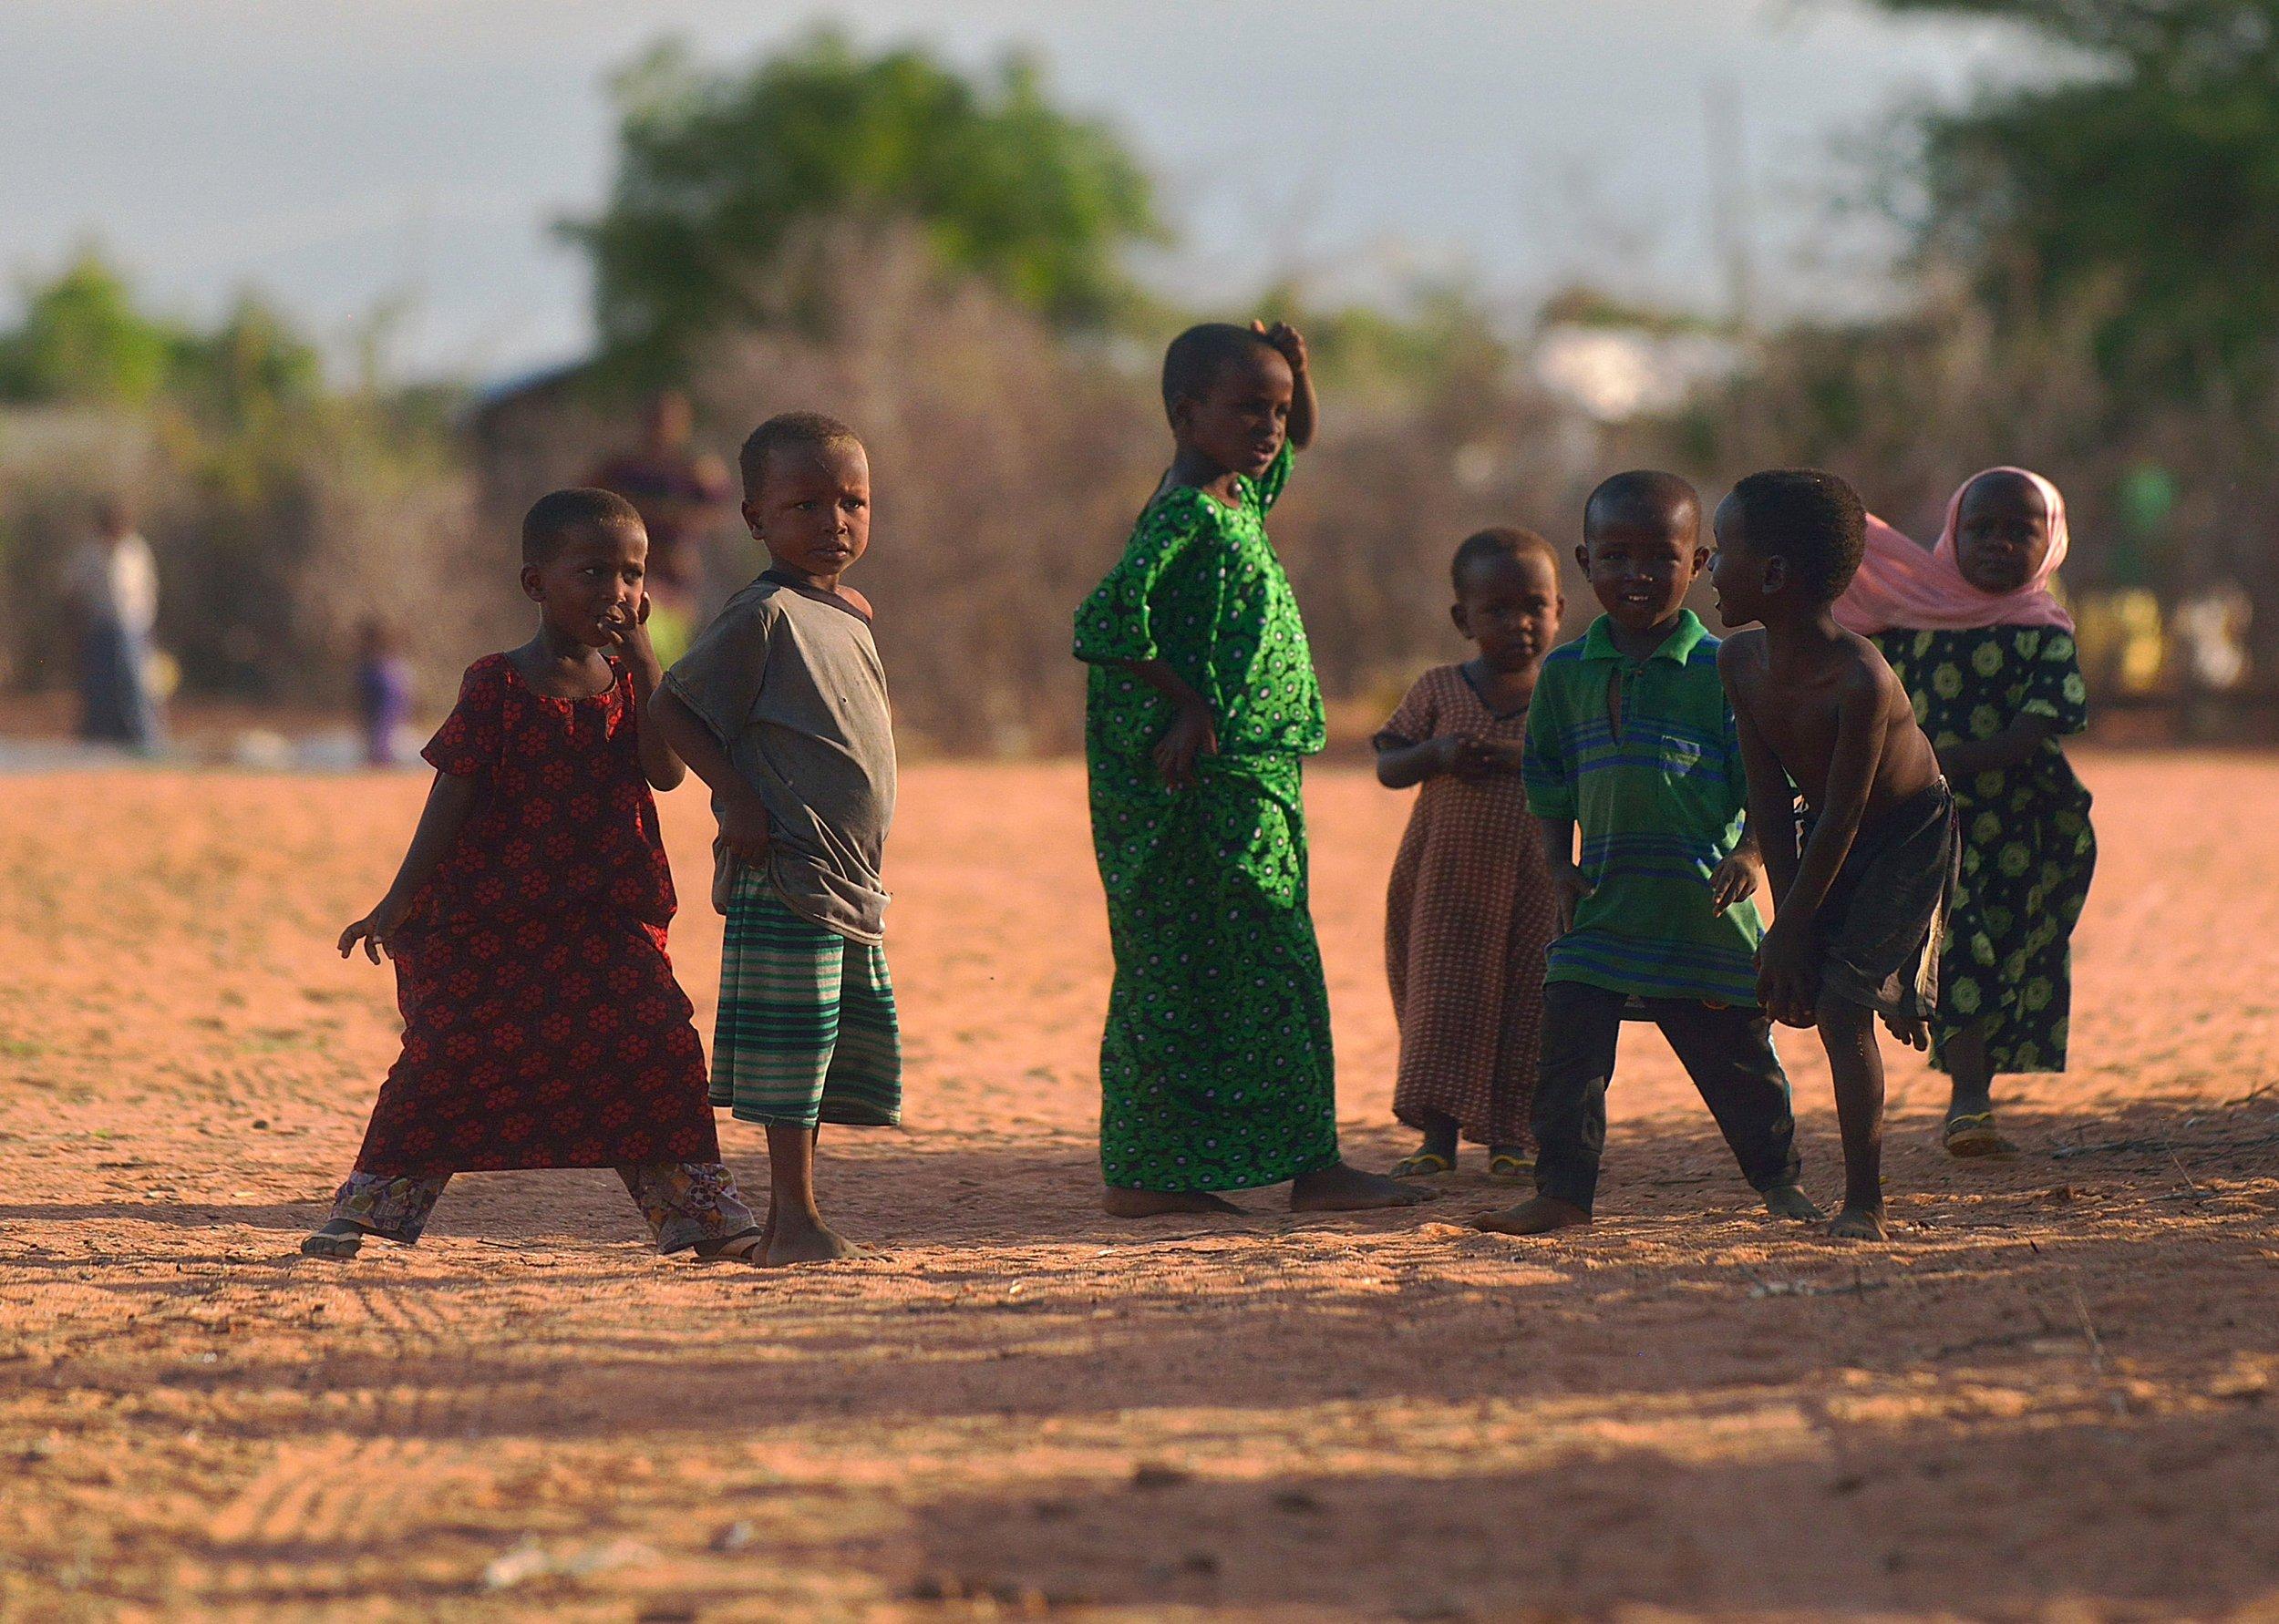 Somali refugee children in Dadaab